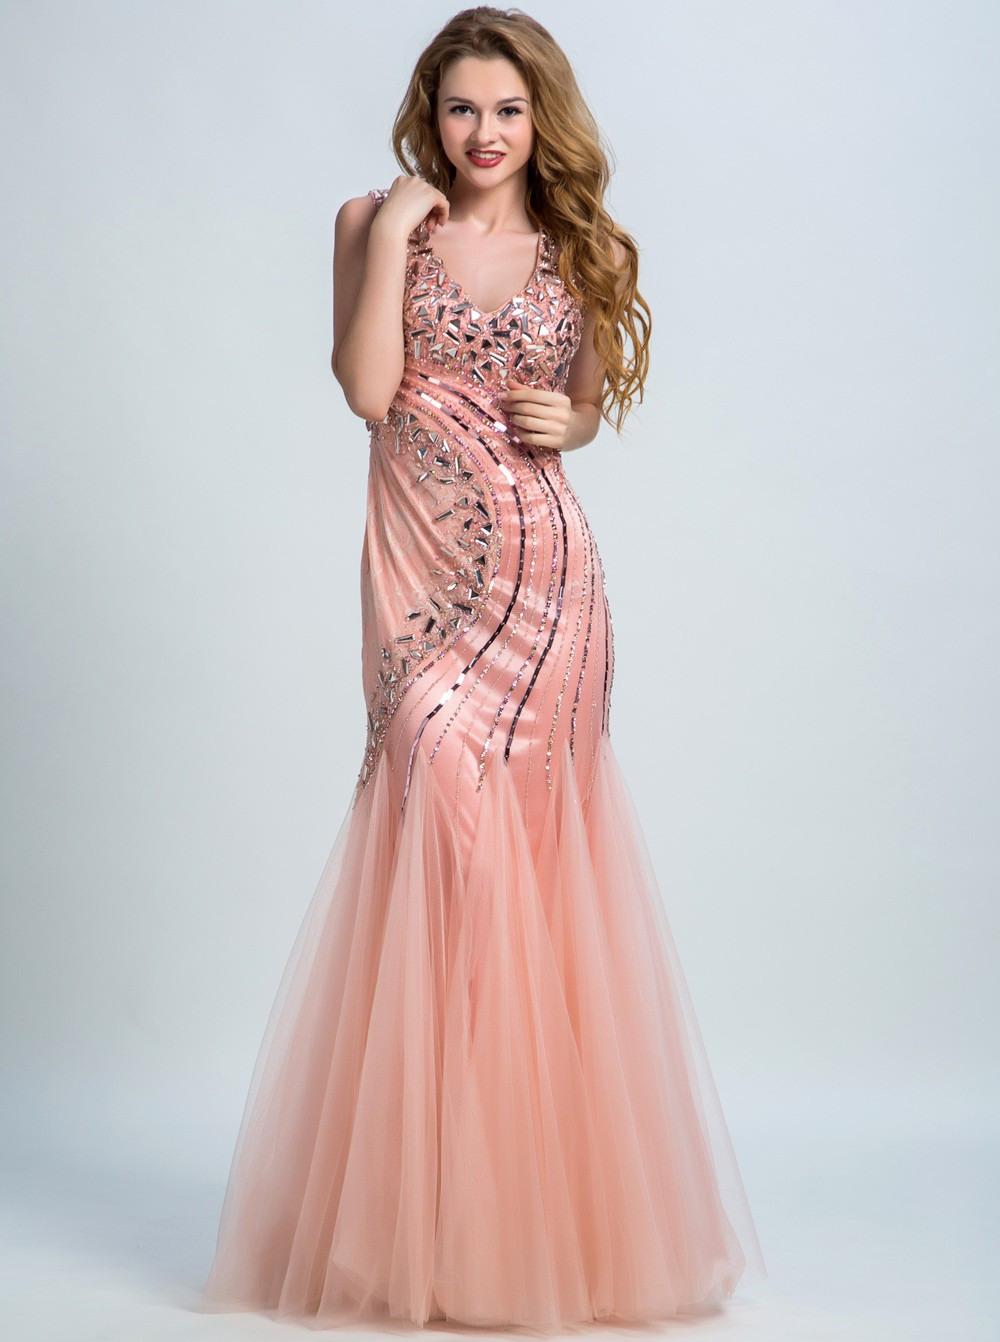 10 Genial Abendkleid V Ausschnitt Stylish10 Luxurius Abendkleid V Ausschnitt Boutique